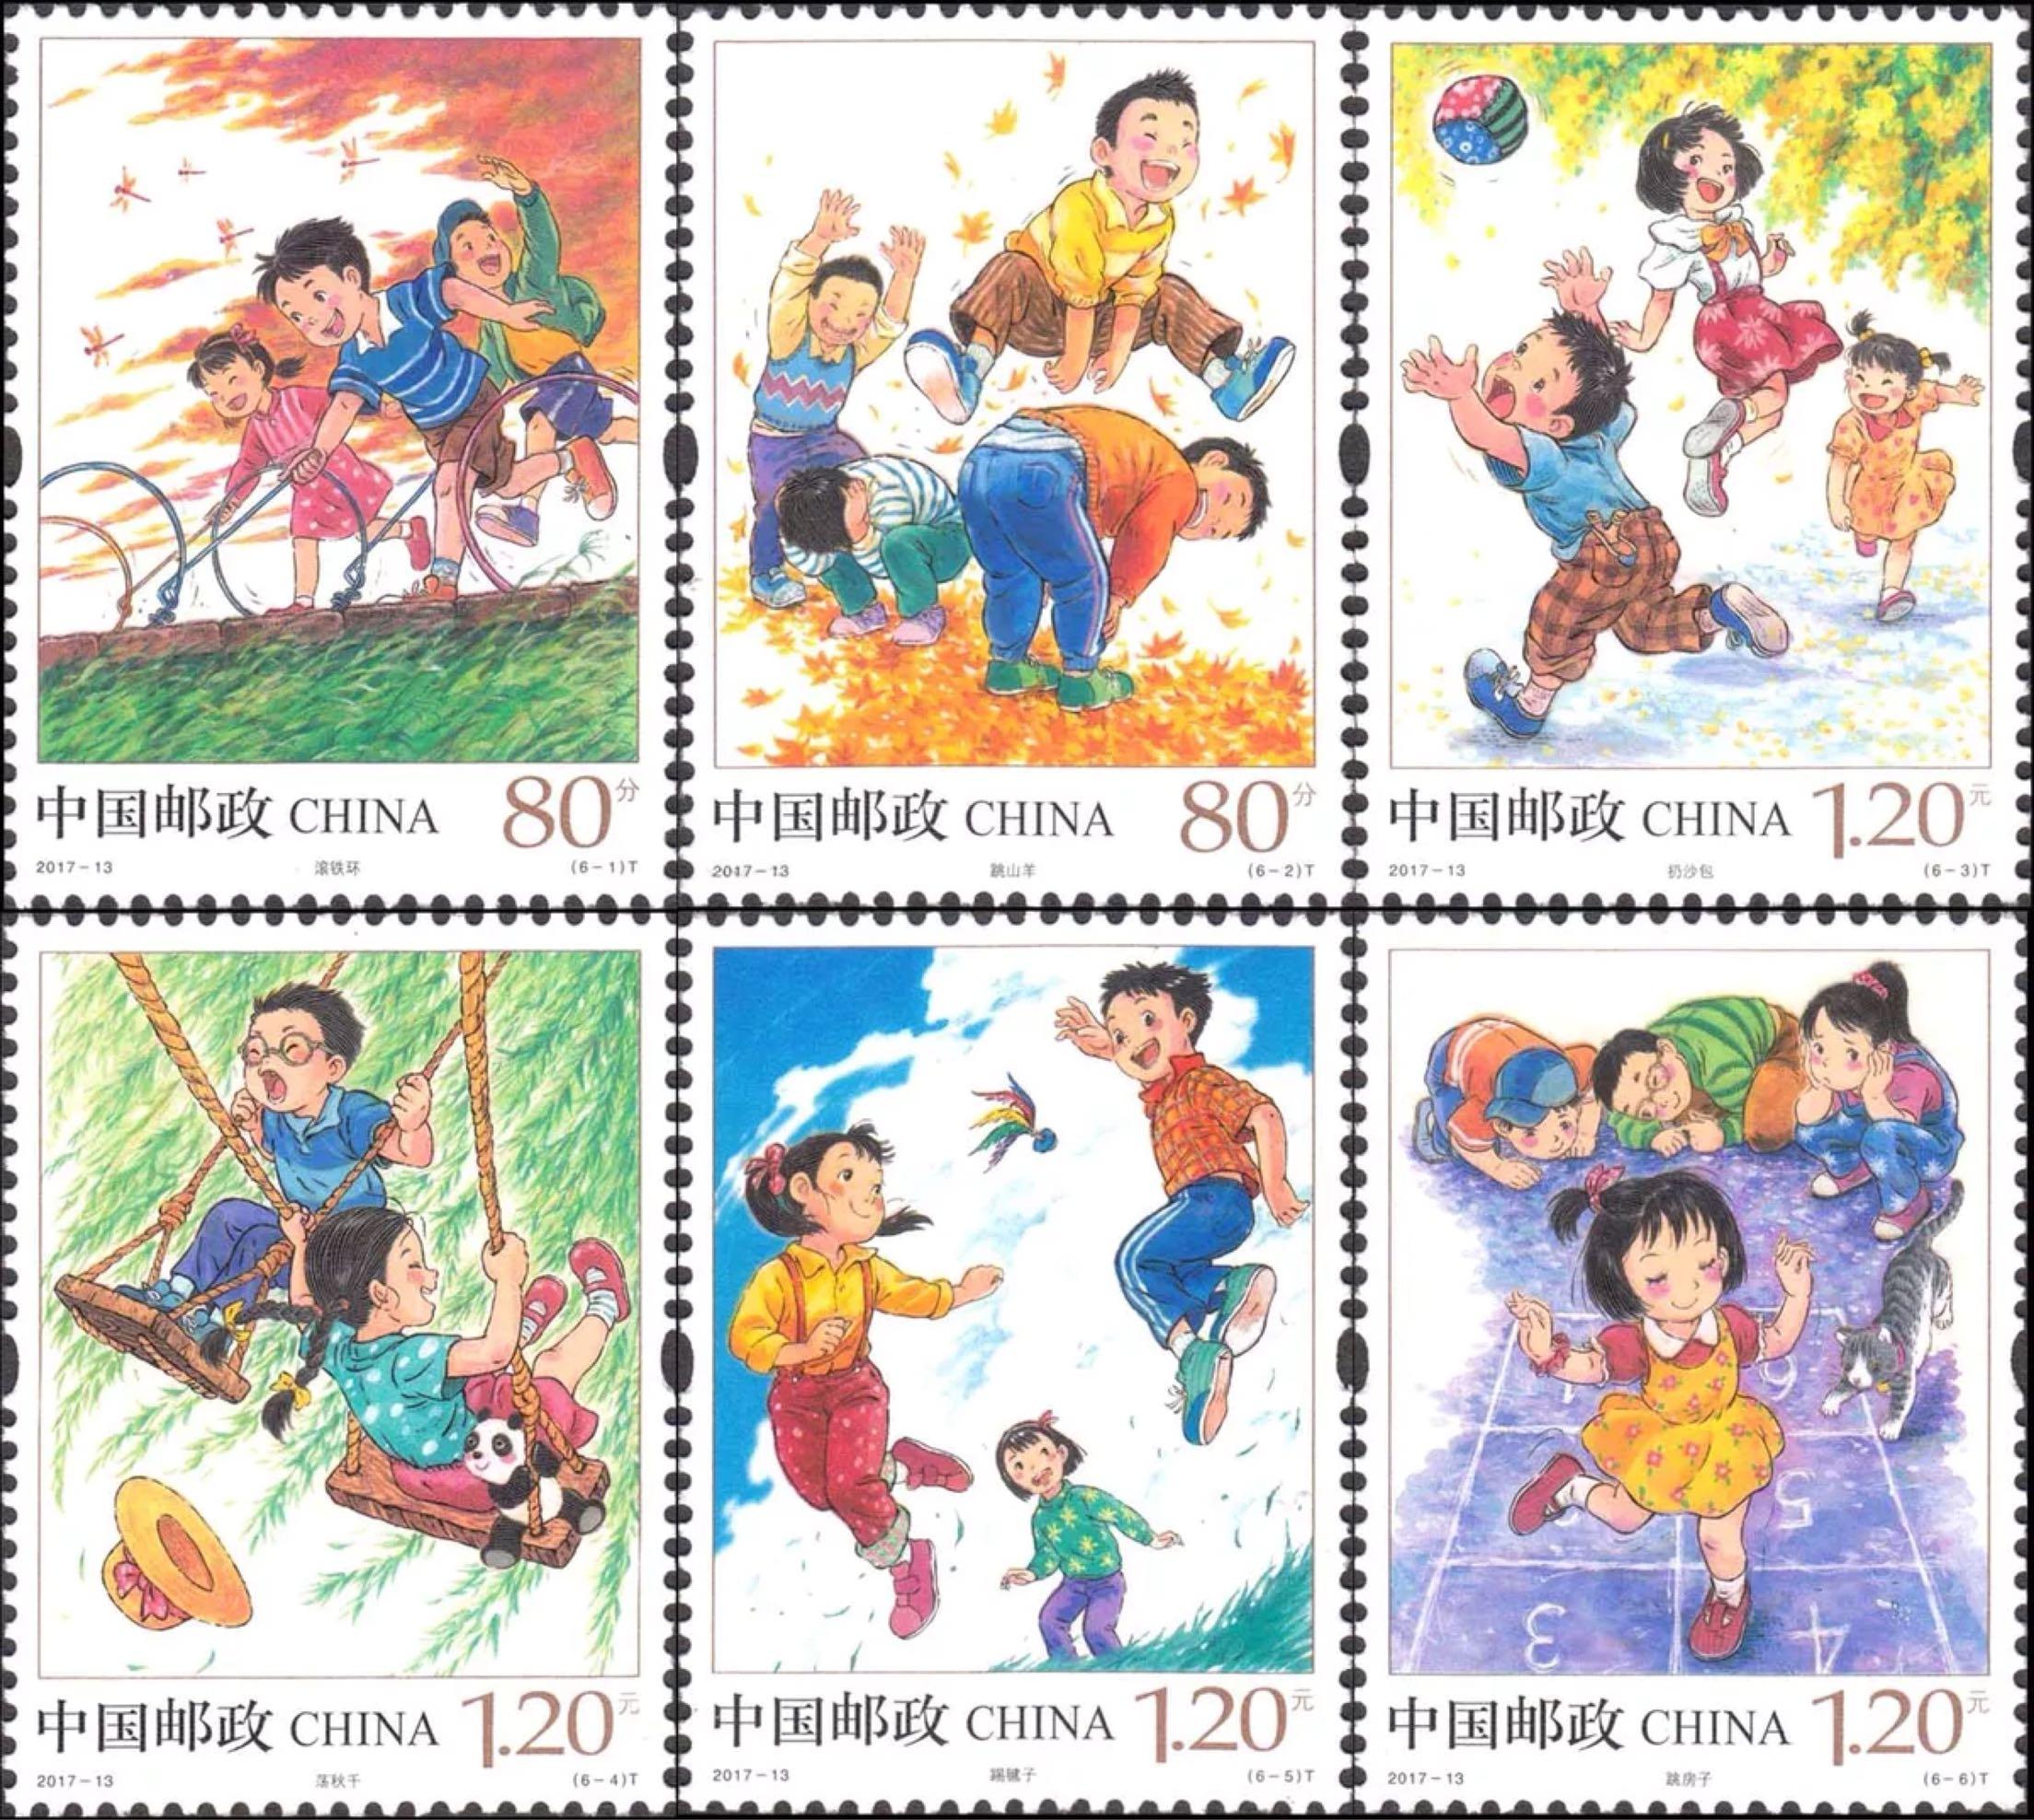 【邮票保真】2017-13儿童游戏(一)邮票 原胶全品 打折邮票